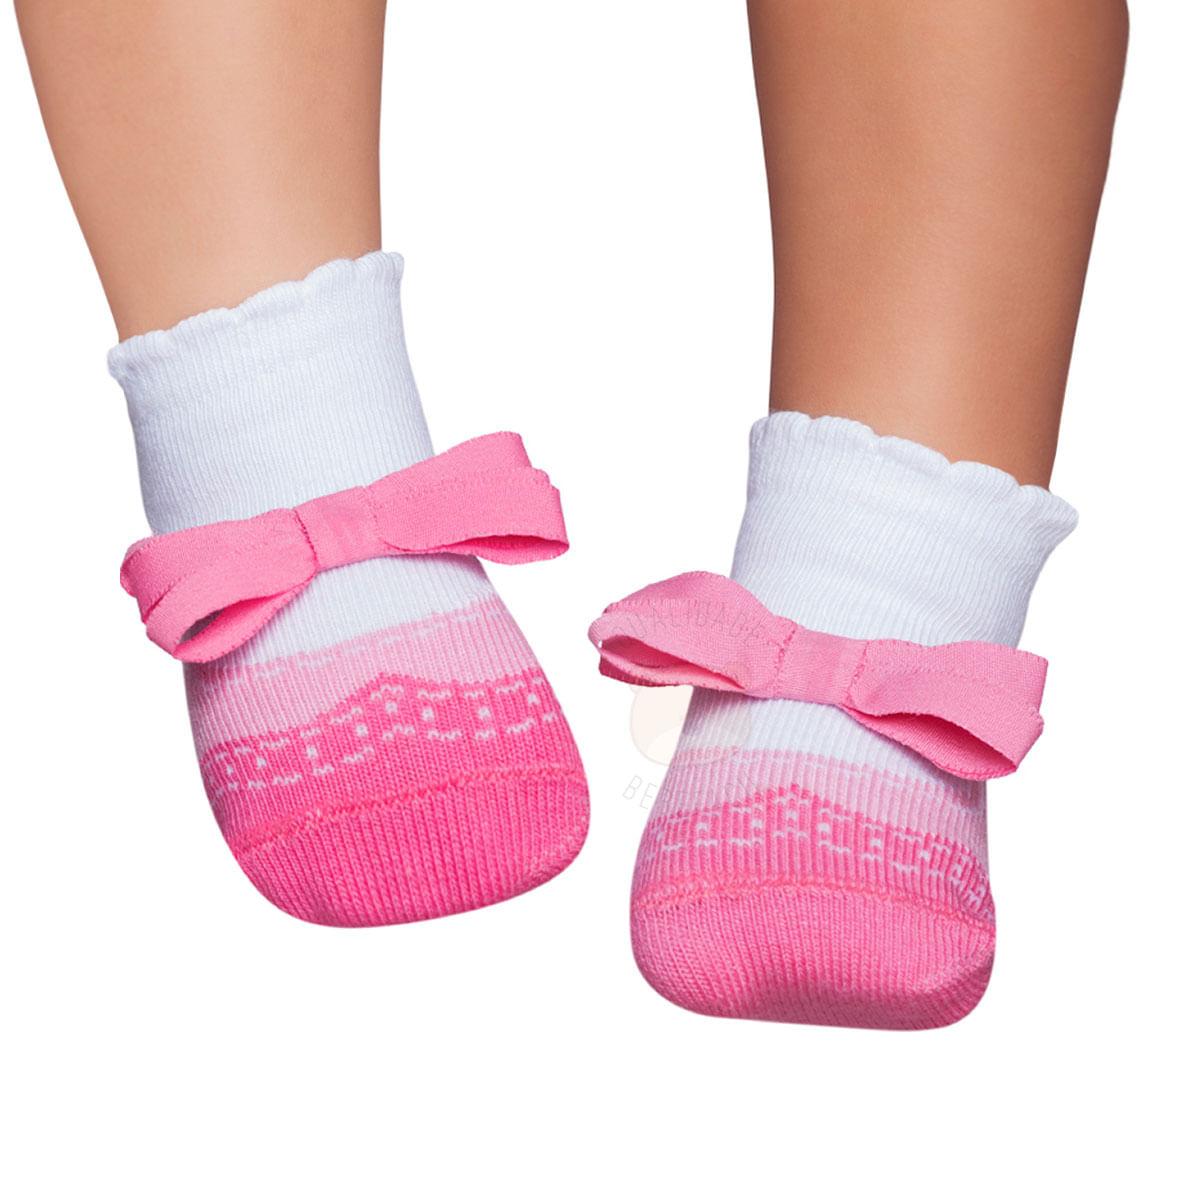 cb27d44af5 Meia Soquete Sapatilha para bebê Laço Rosa - Puket no bebefacil loja de  roupas enxoval e acessorios para bebes - bebefacil